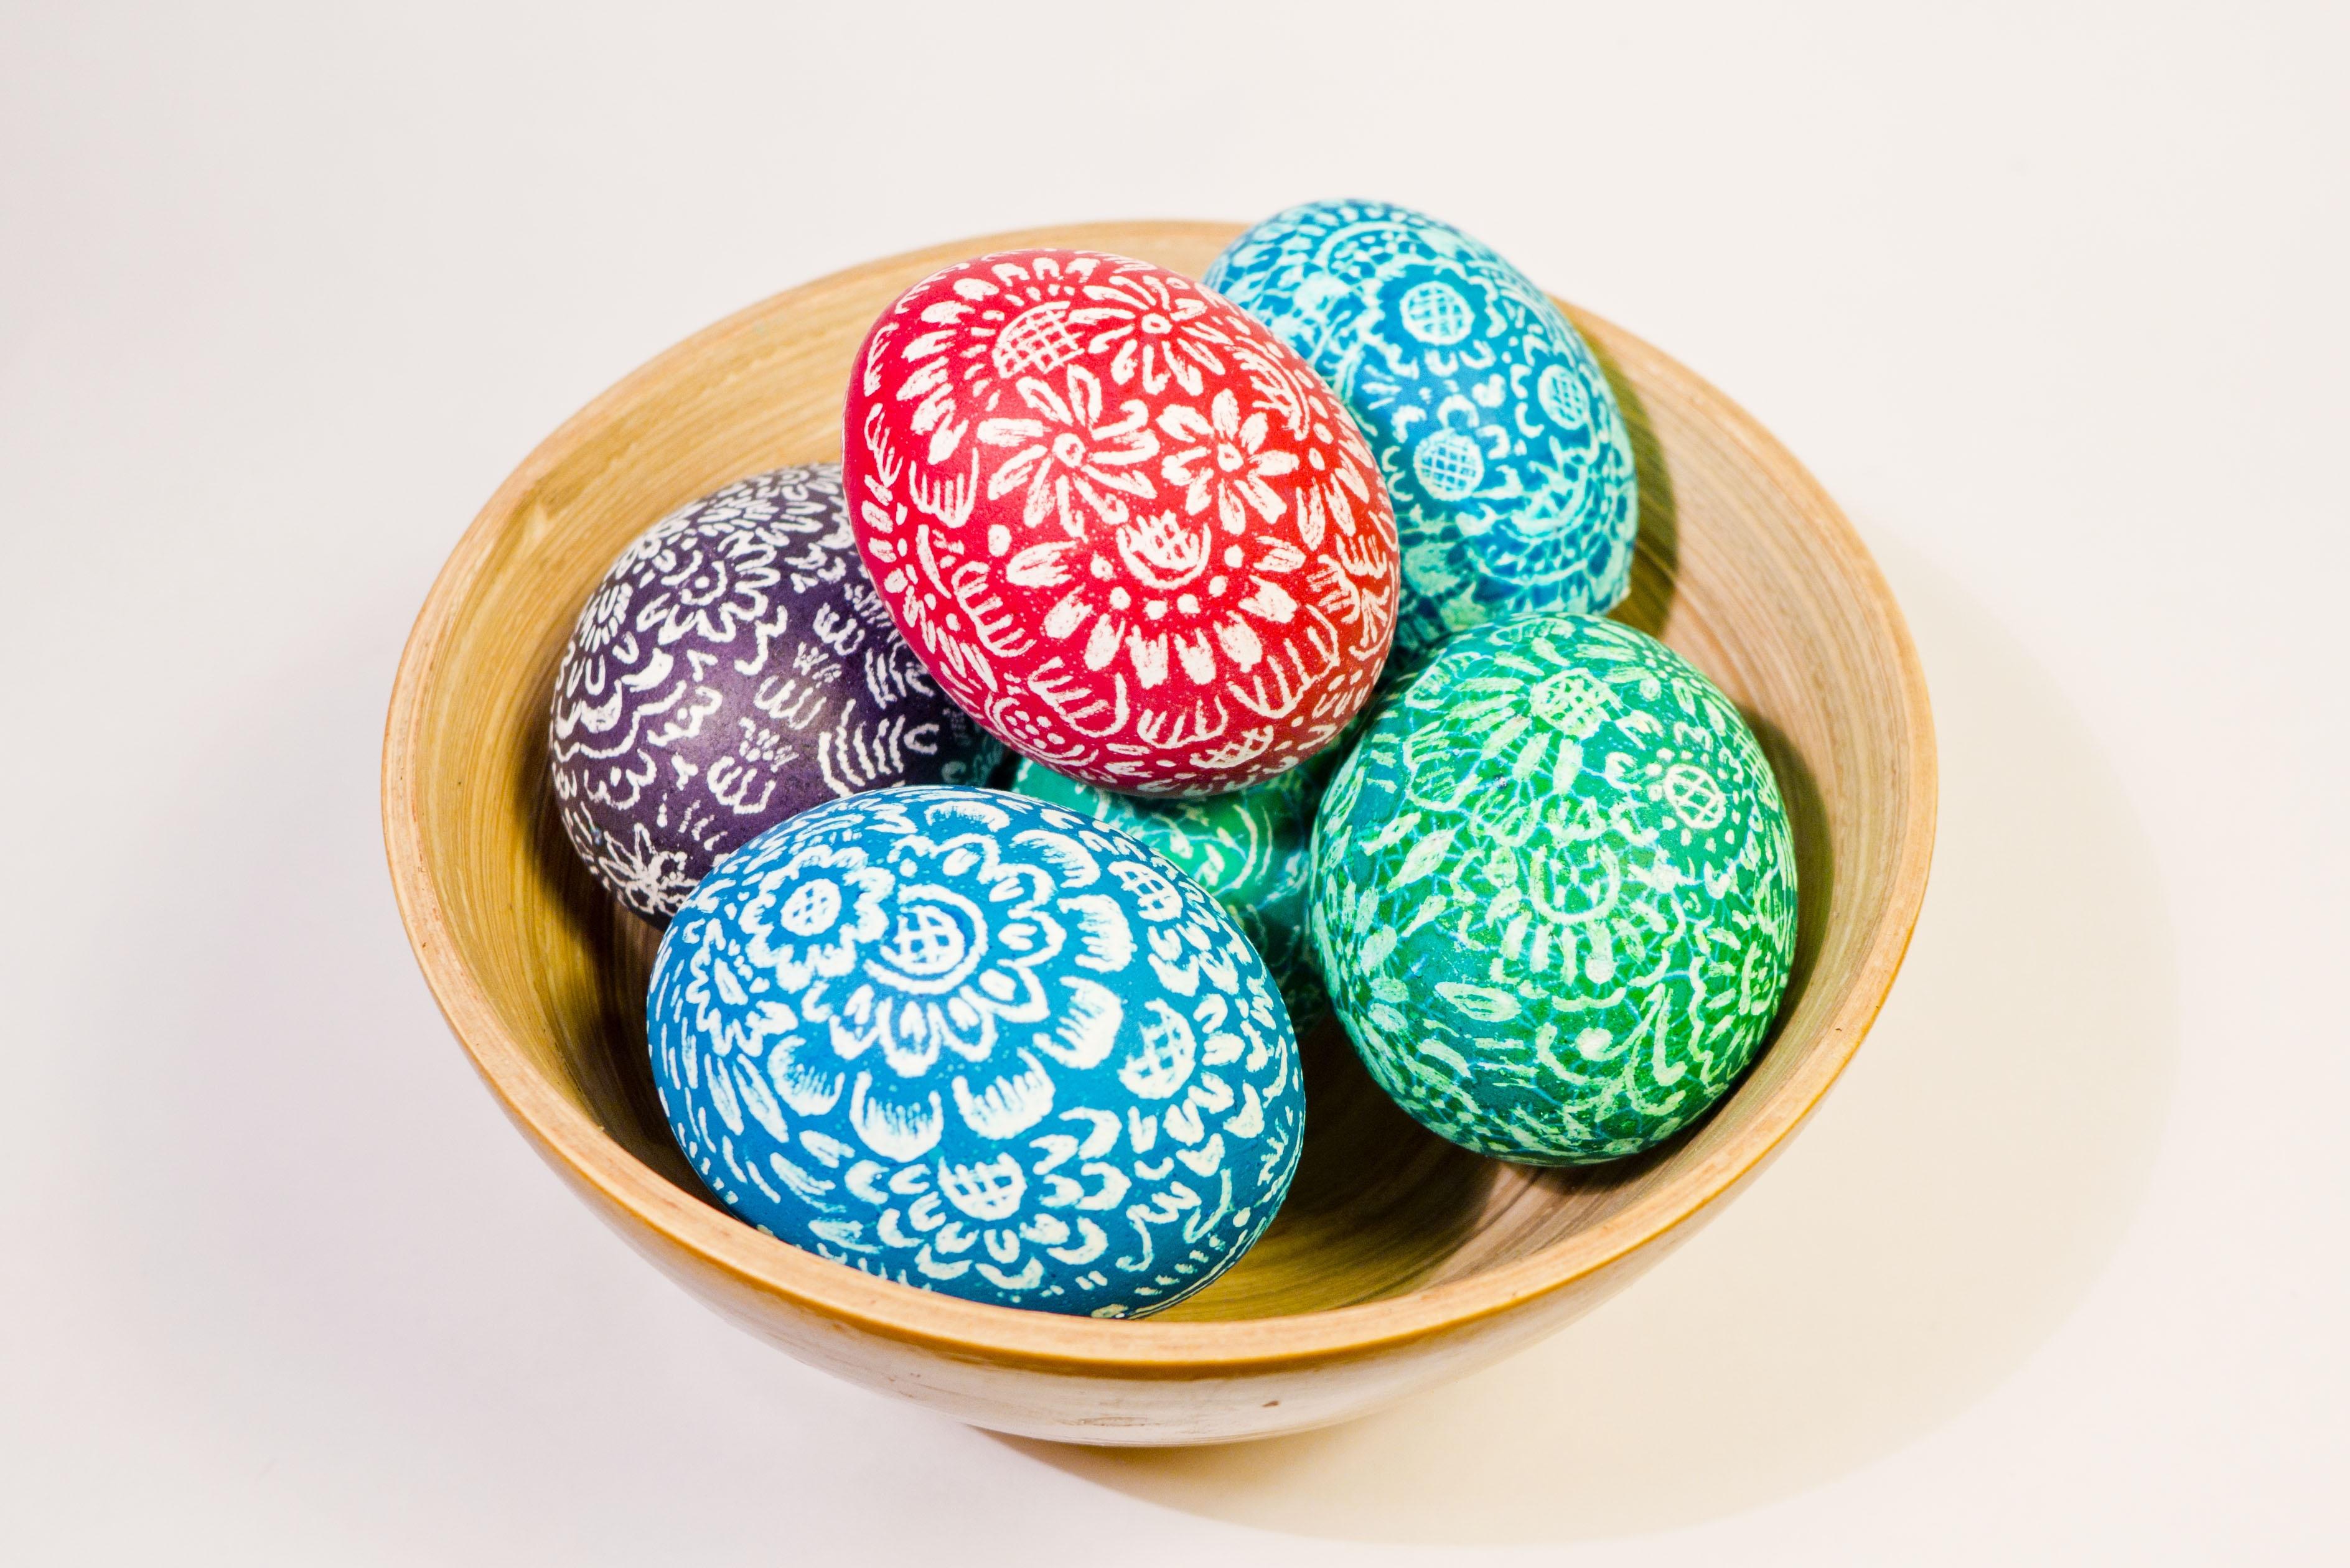 Images Gratuites  aliments, printemps, Couleur, Oeuf, décoration de Noël,  des œufs, Douane, coloré, œufs de Pâques, décorations de Noël, œuf de Pâques,